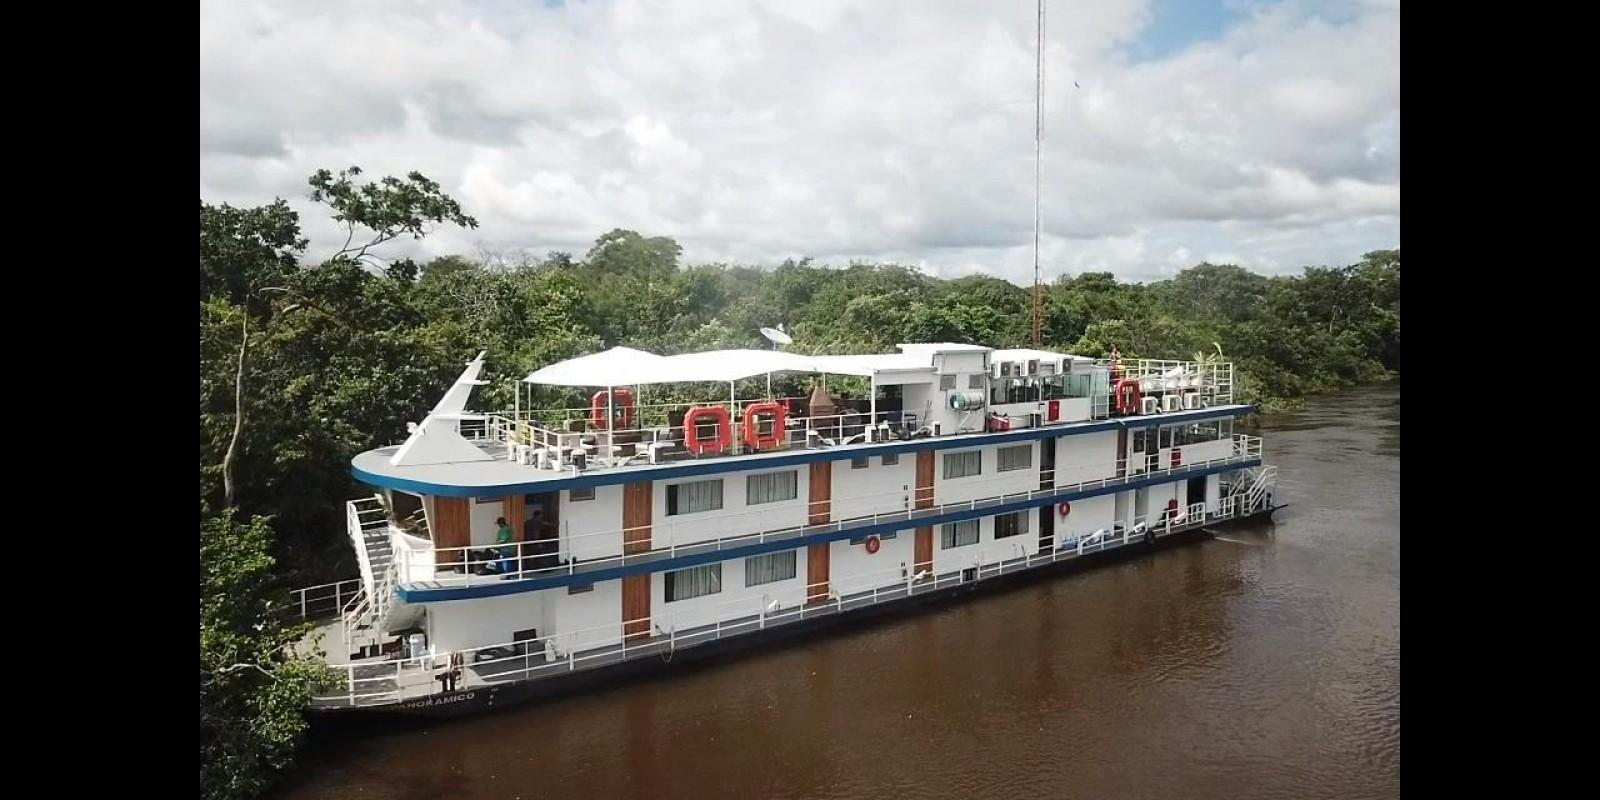 Barco Hotel Panorâmico - P. Cercado 36 pessoas - Foto 8 de 13